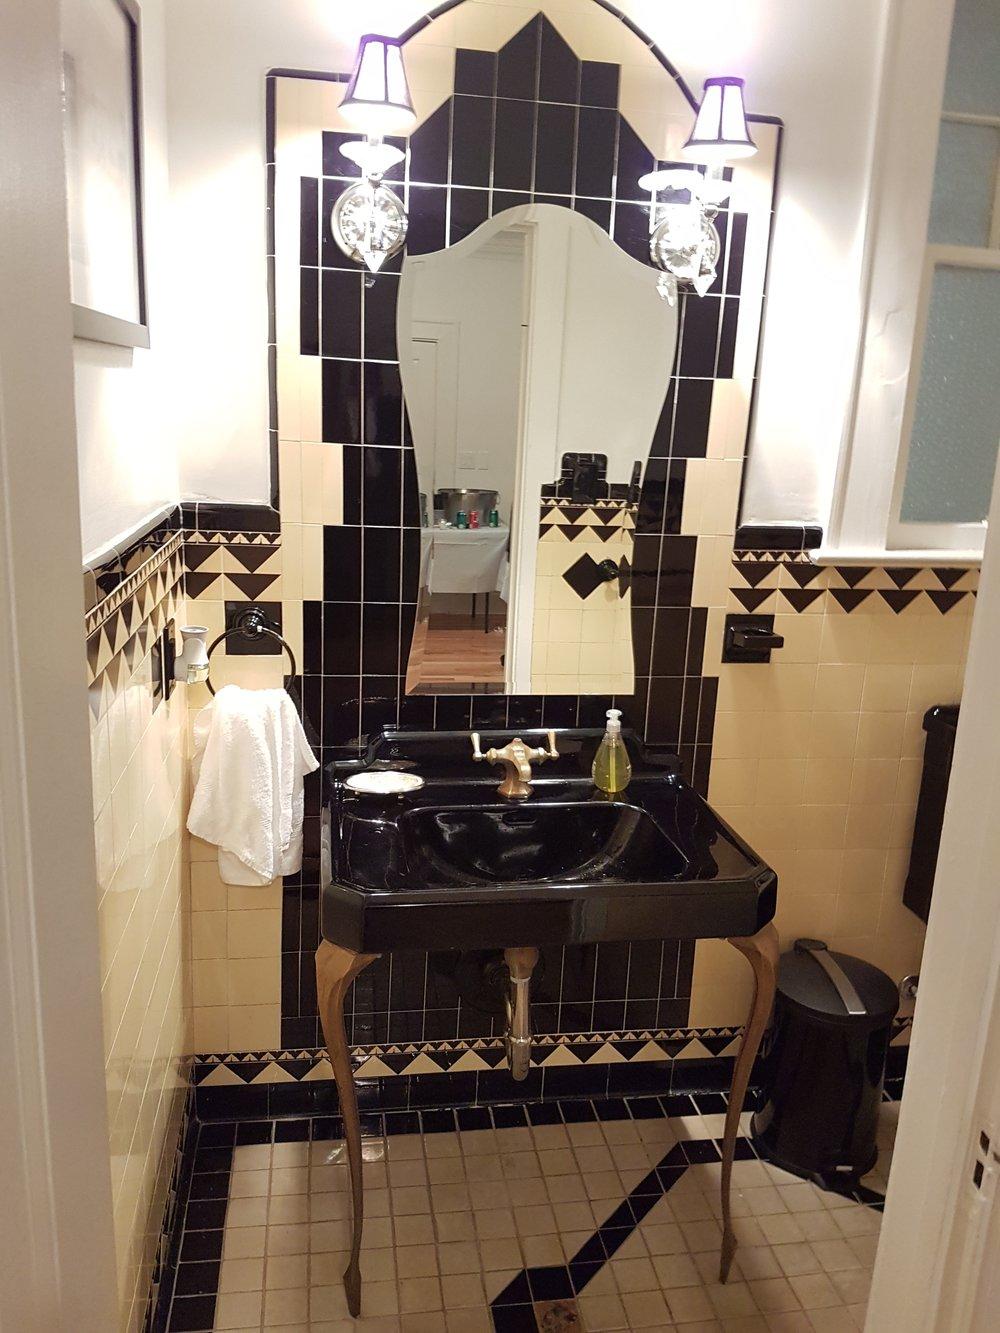 Art Deco bathroom off main living room in Al Capone's Miami home.